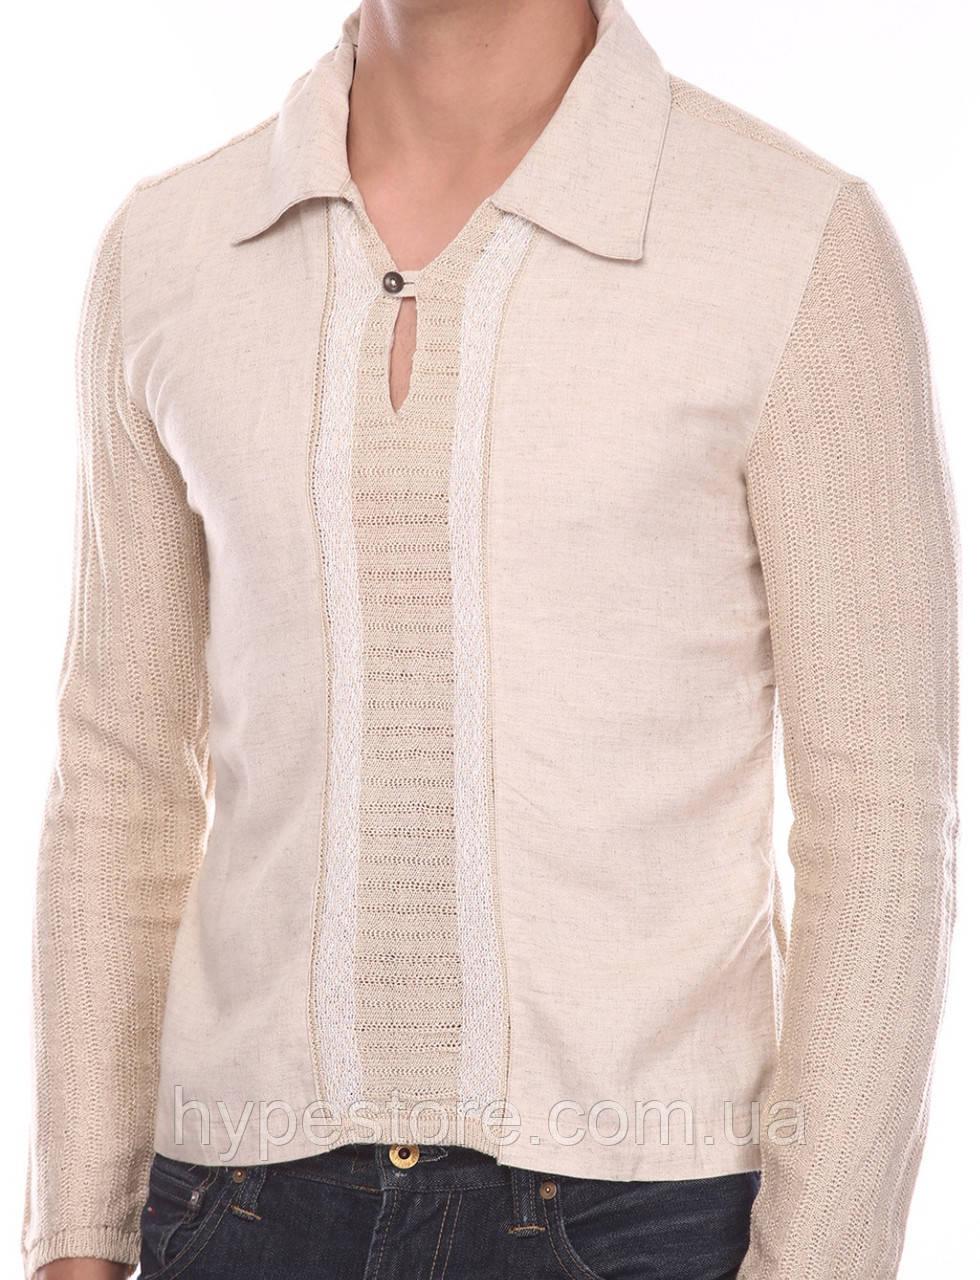 Красивая оригинальная мужская рубашка